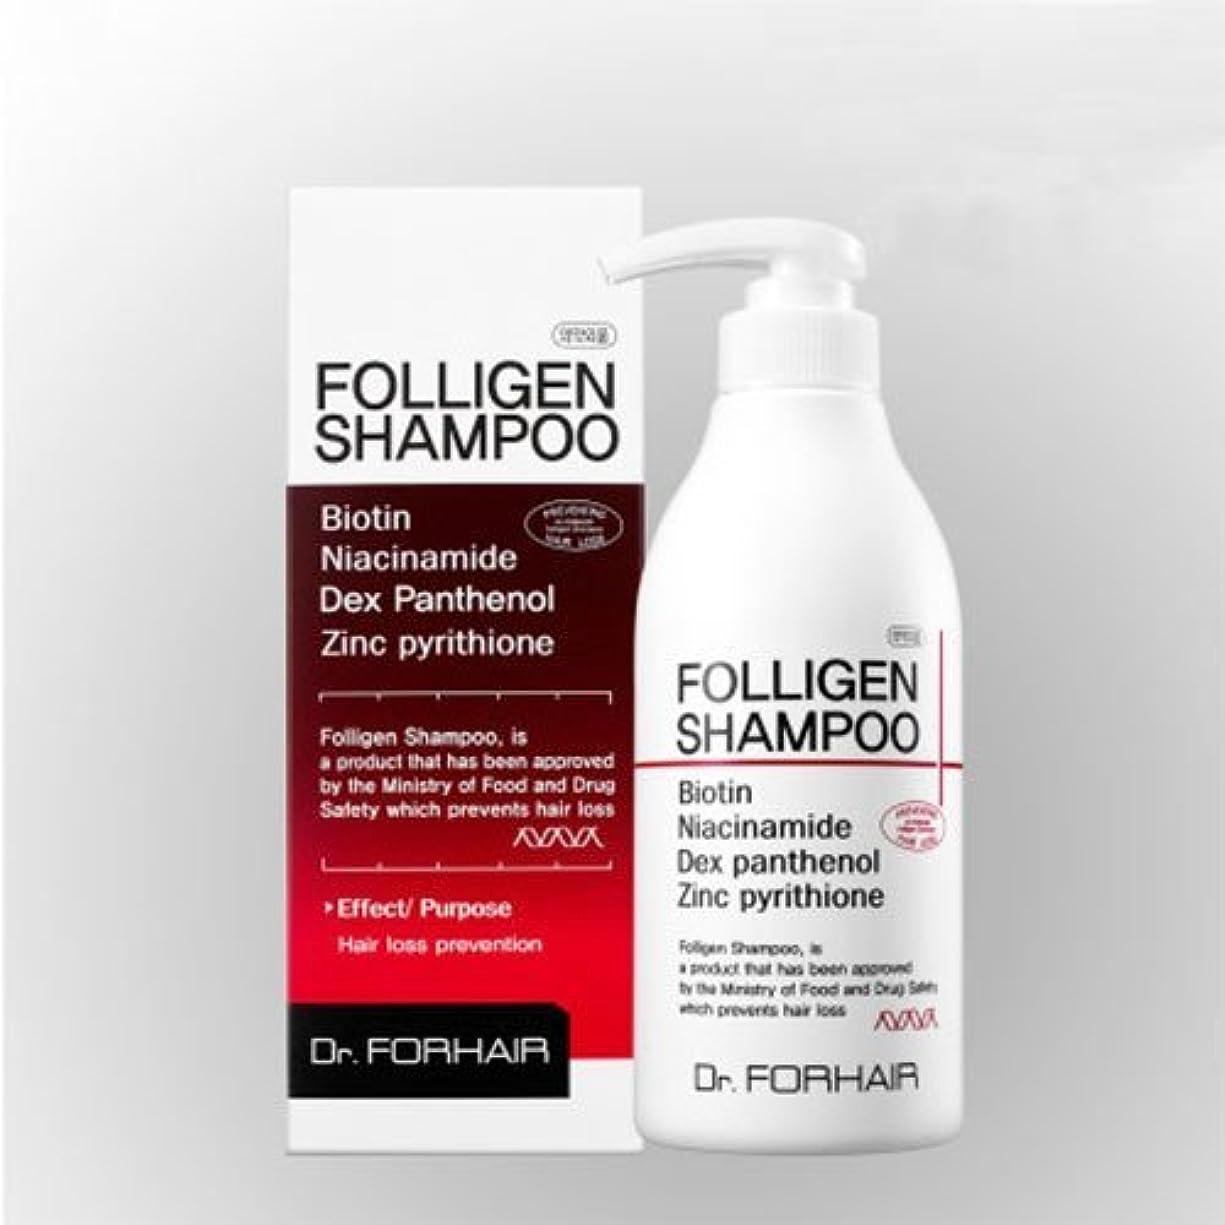 ハプニング雷雨トンダクト?フォーヘア ポルリジェン シャンプー500ml 脱毛防止シャンプー[並行輸入品] / Dr. Forhair Folligen Shampoo 500ml (16.9 fl.oz.) for Hair Loss...